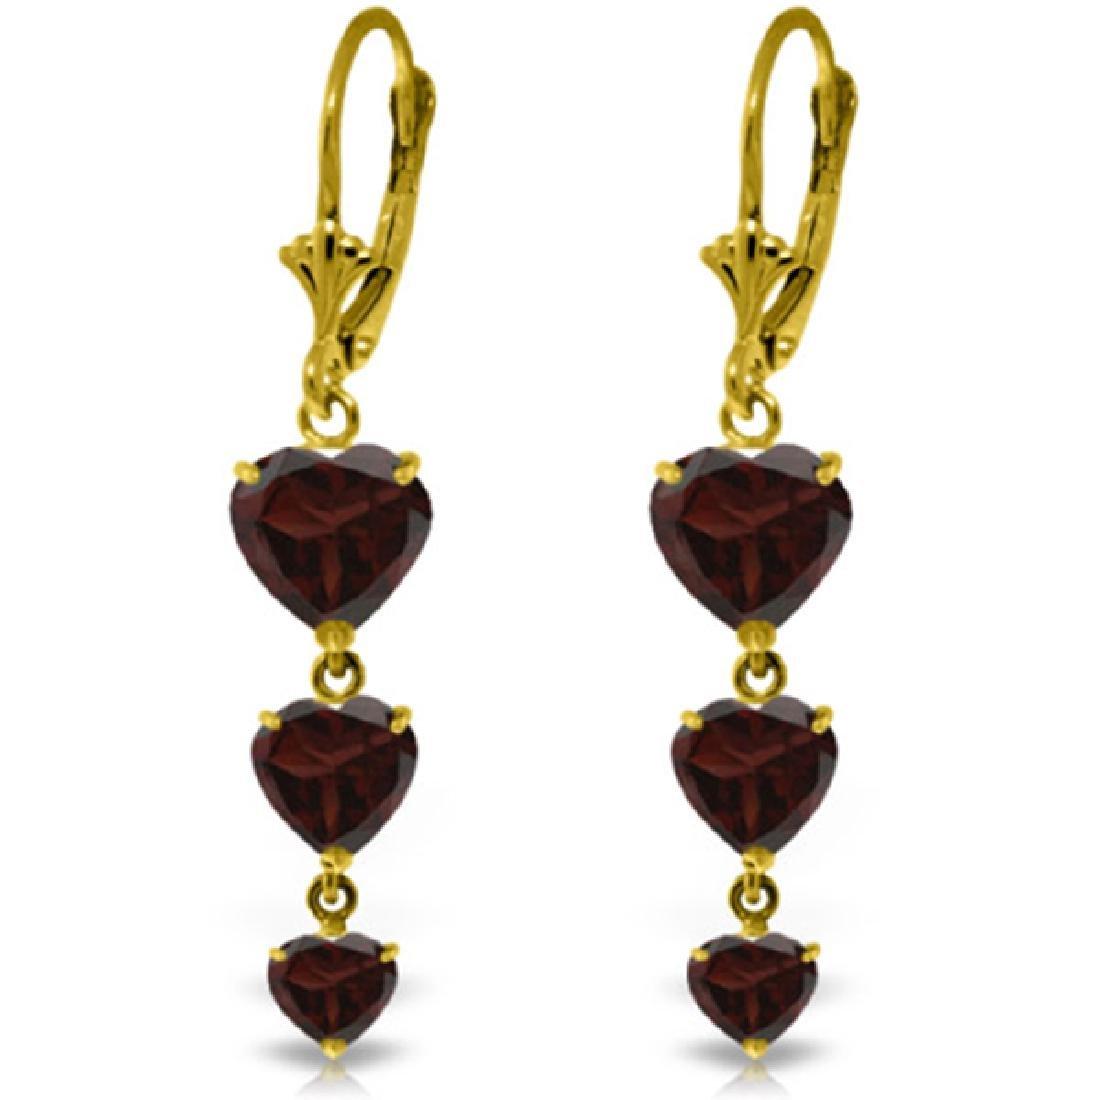 Genuine 6 ctw Garnet Earrings Jewelry 14KT Yellow Gold